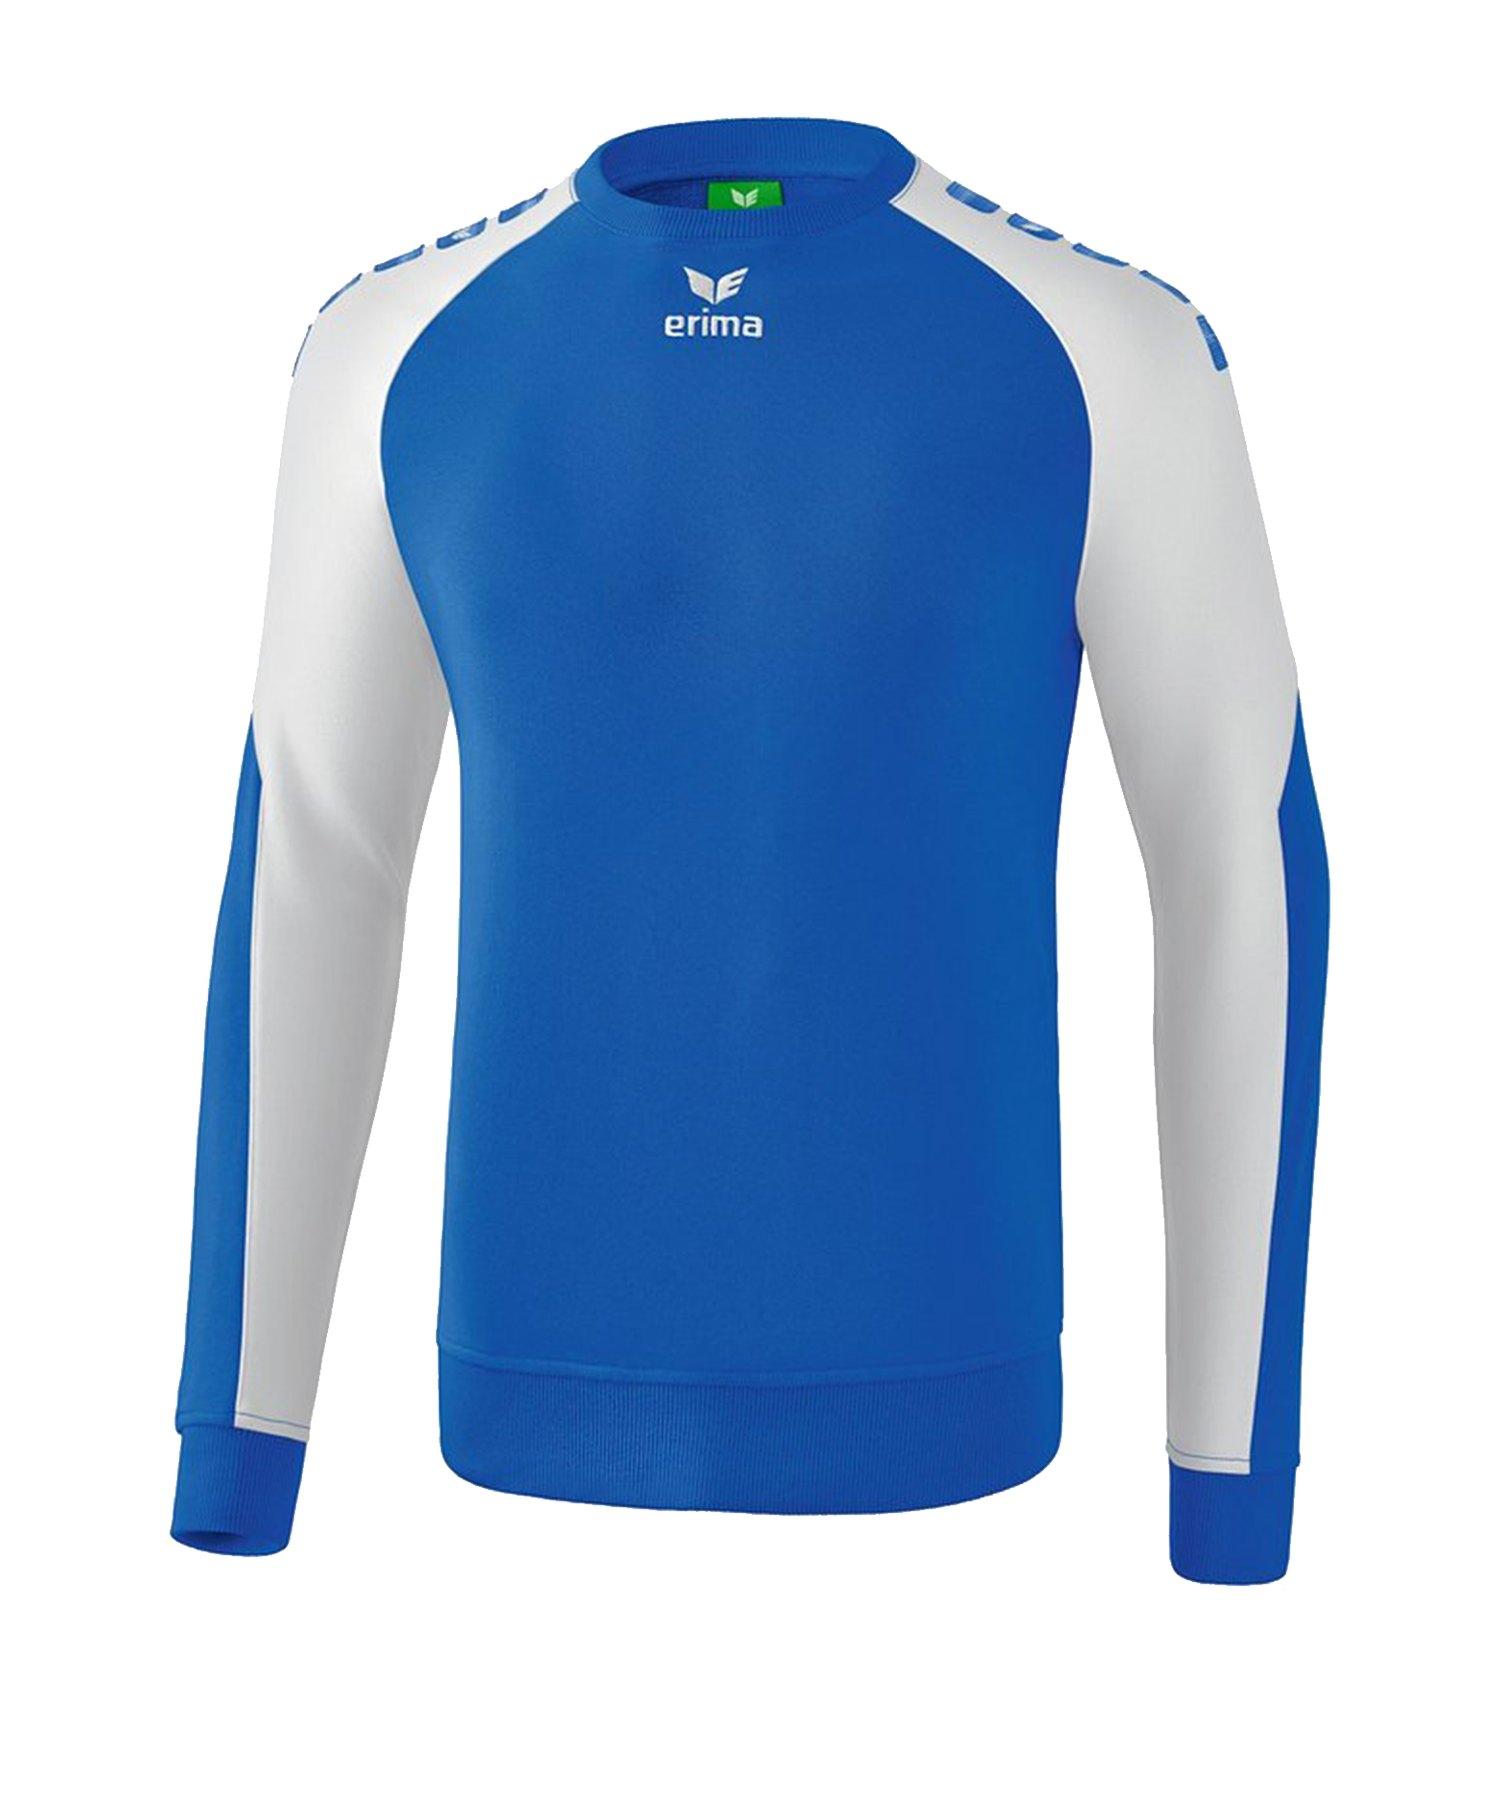 Erima Essential 5-C Sweatshirt Blau Weiss - Blau